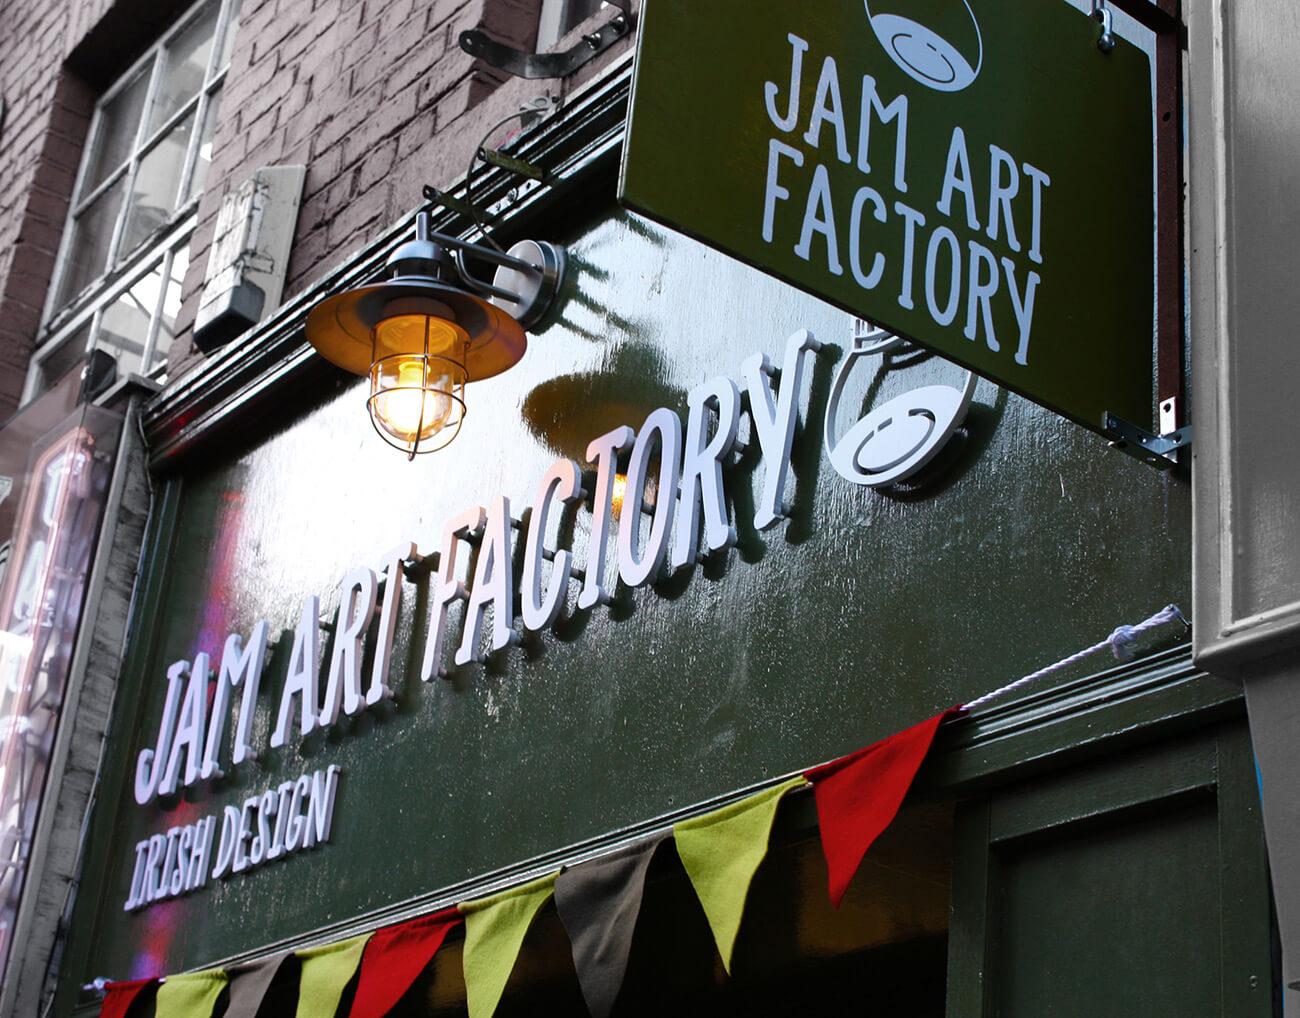 jamartfactorytemplebardublin